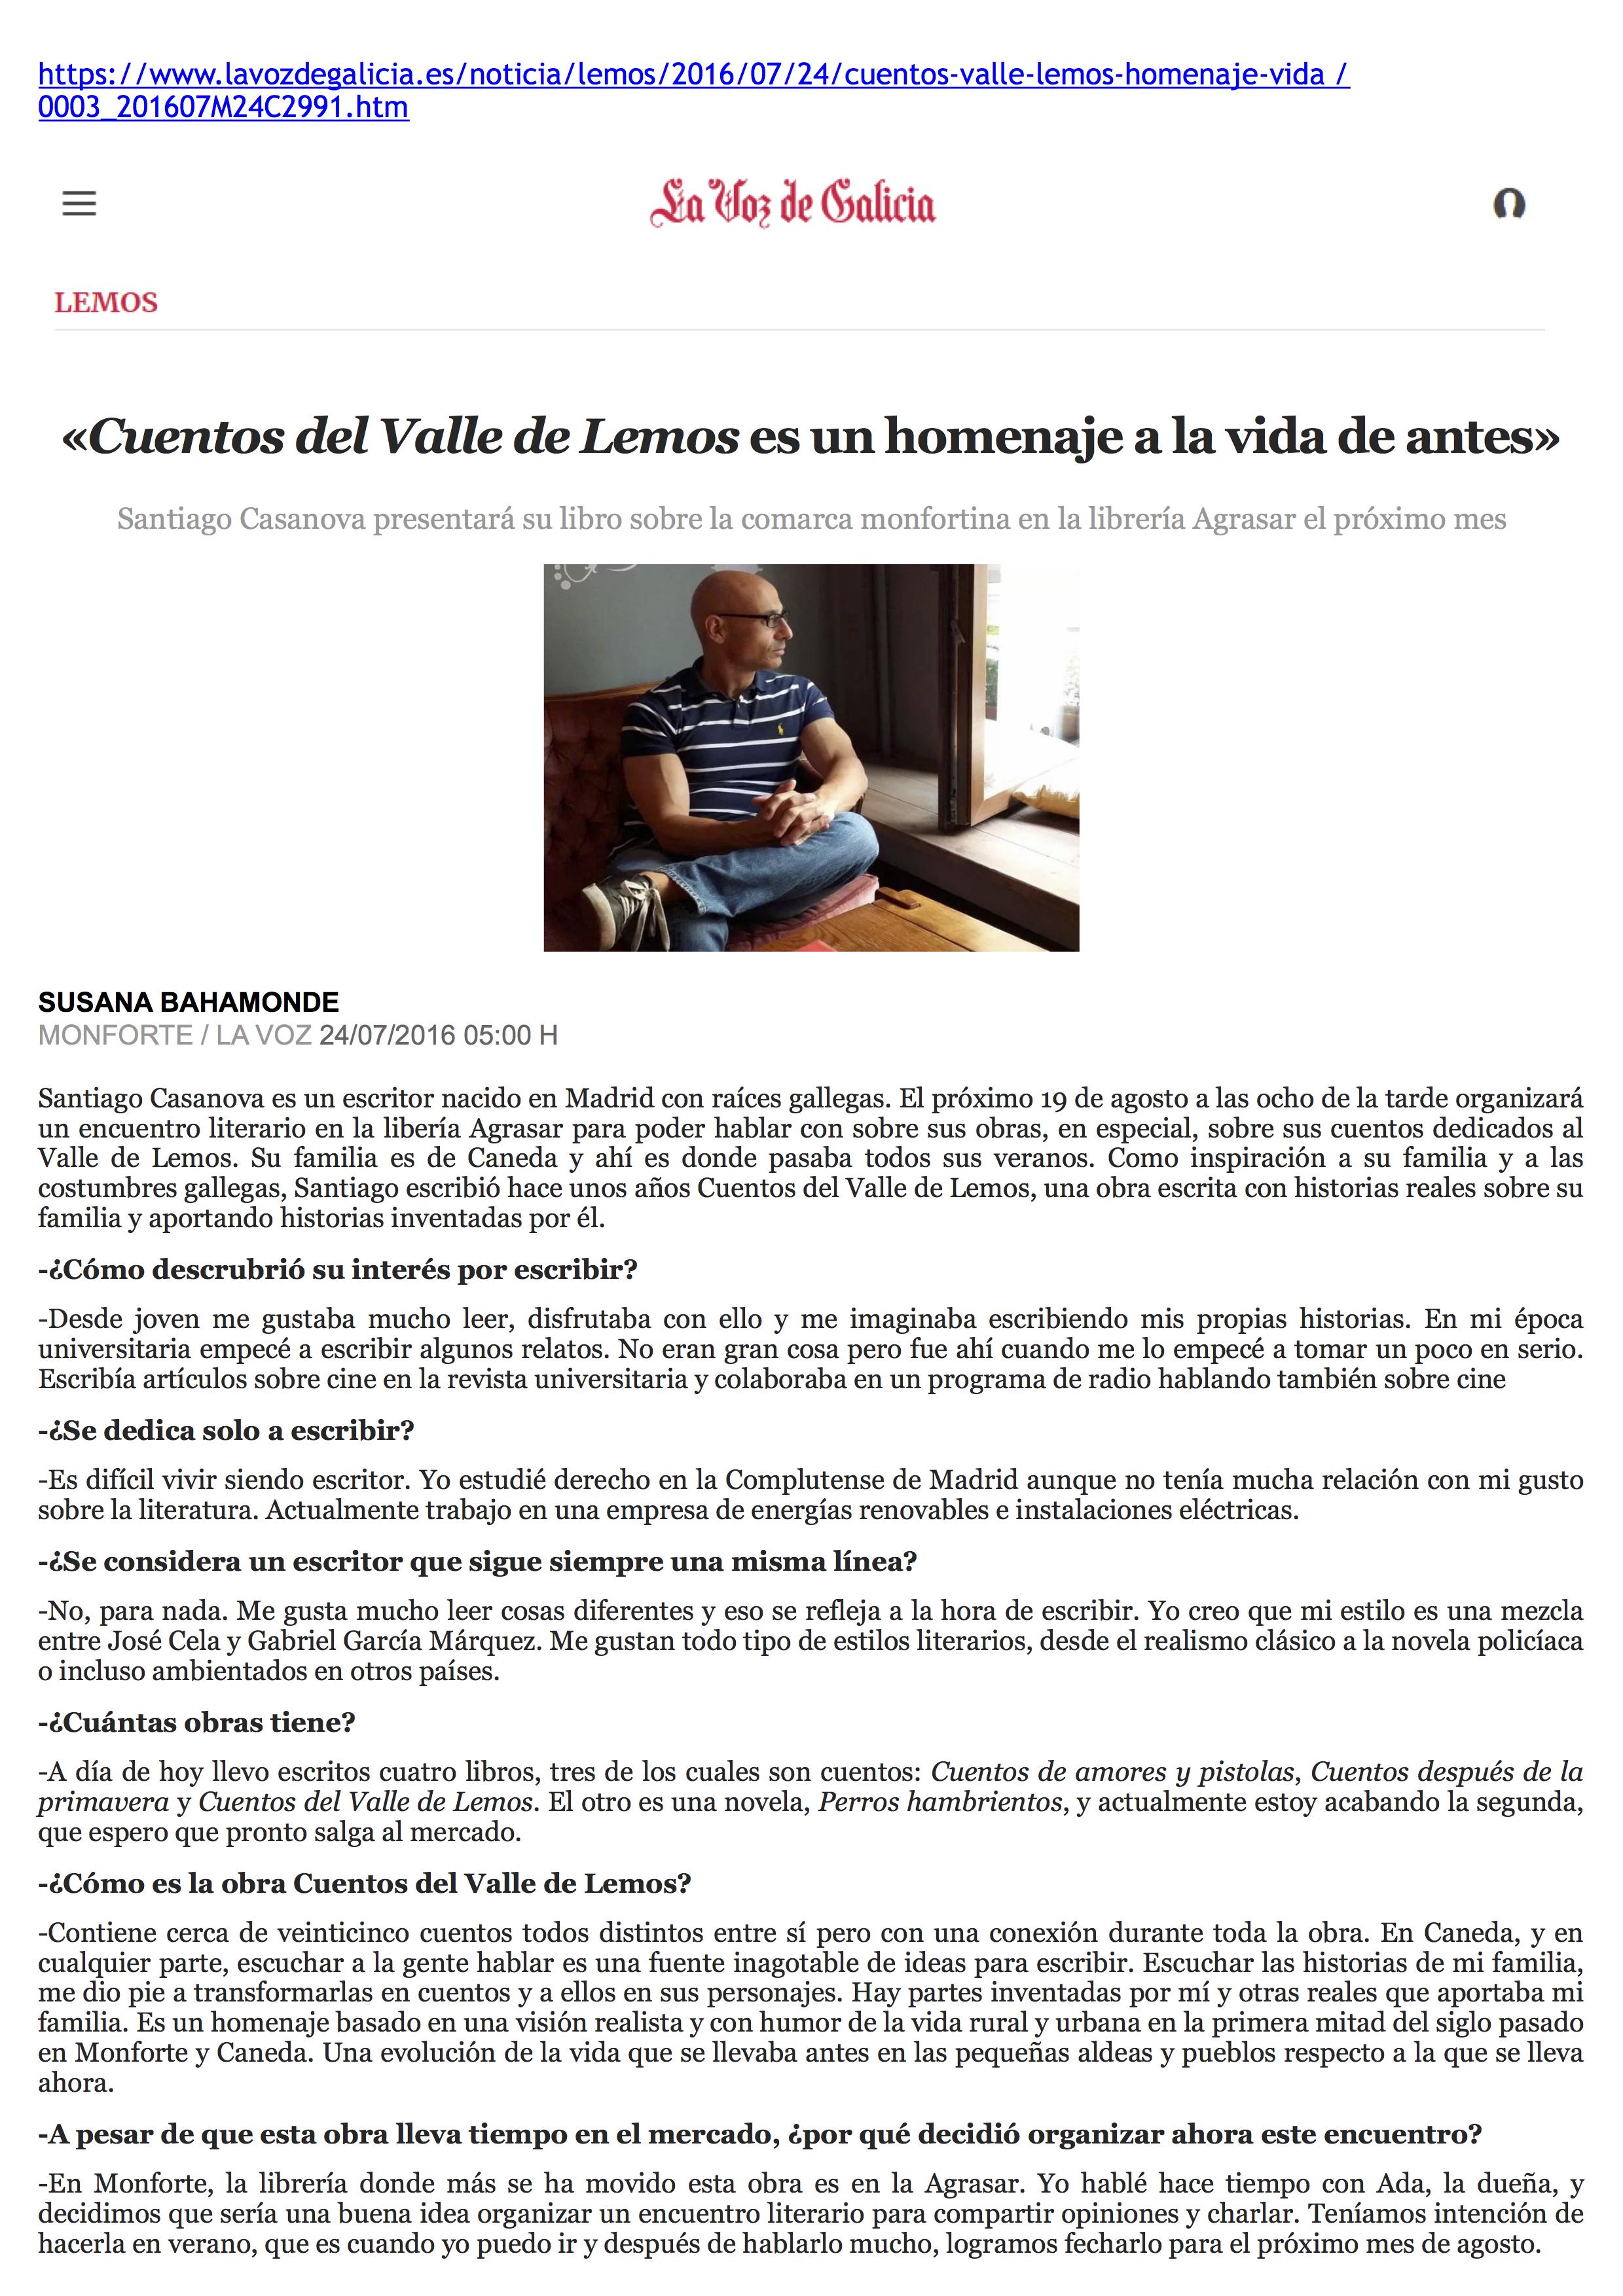 Entrevista LA VOZ DE GALICIA 24-07-2016